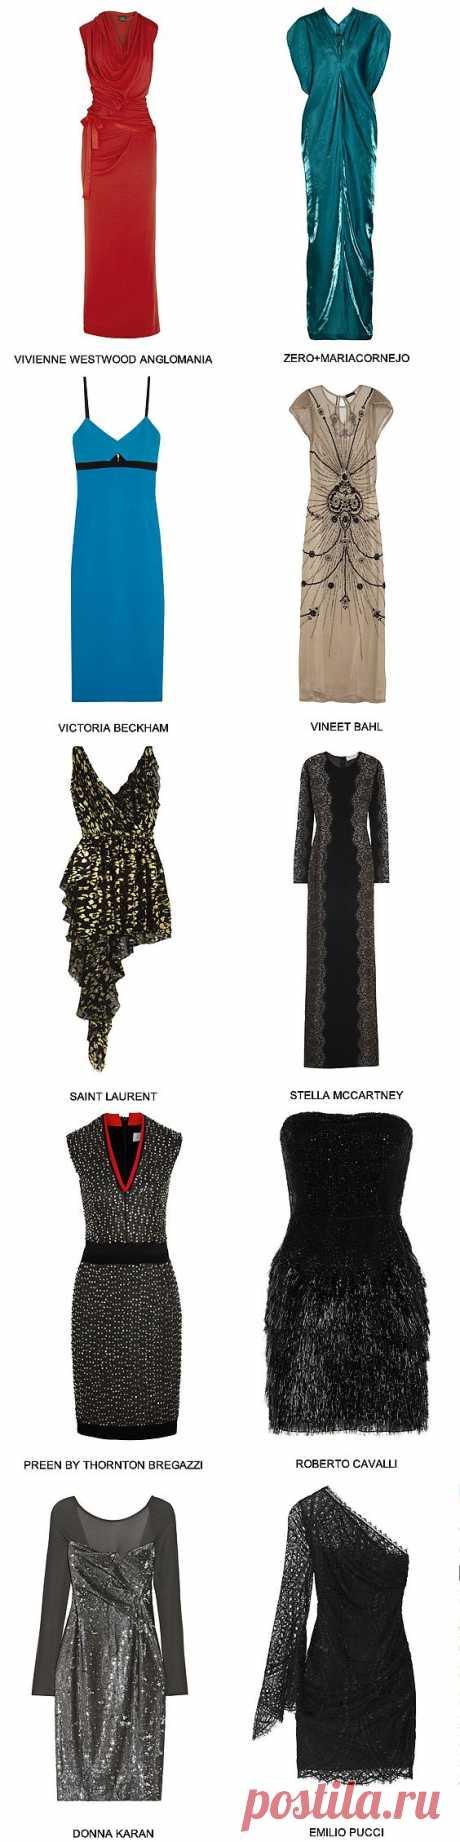 Лучшие платья для встречи нового года 2014 - Fancy Journal